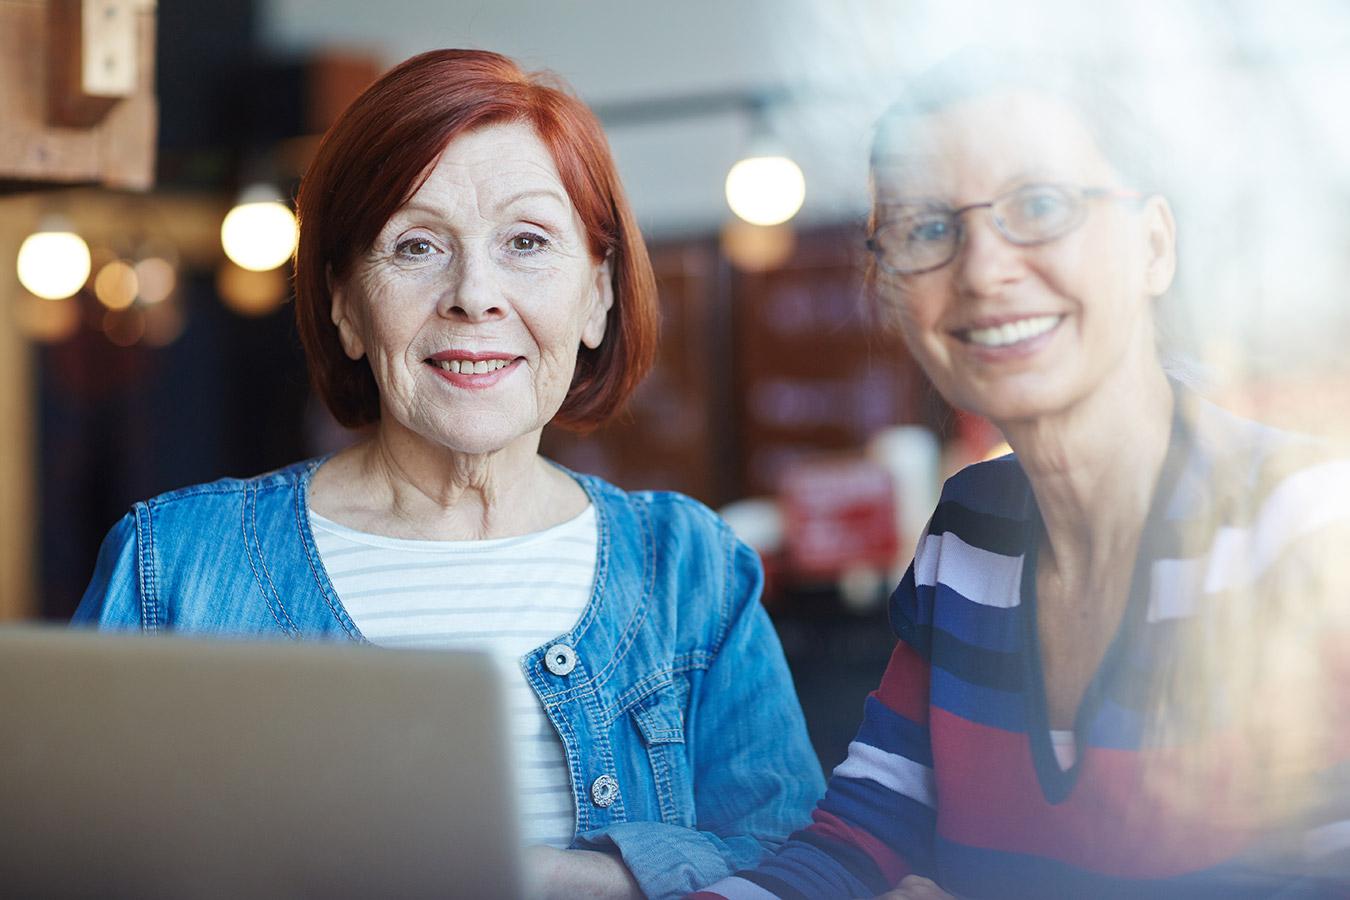 Trzynastka (emerytury): Kiedy wypłata 13 emerytury w 2021 roku?